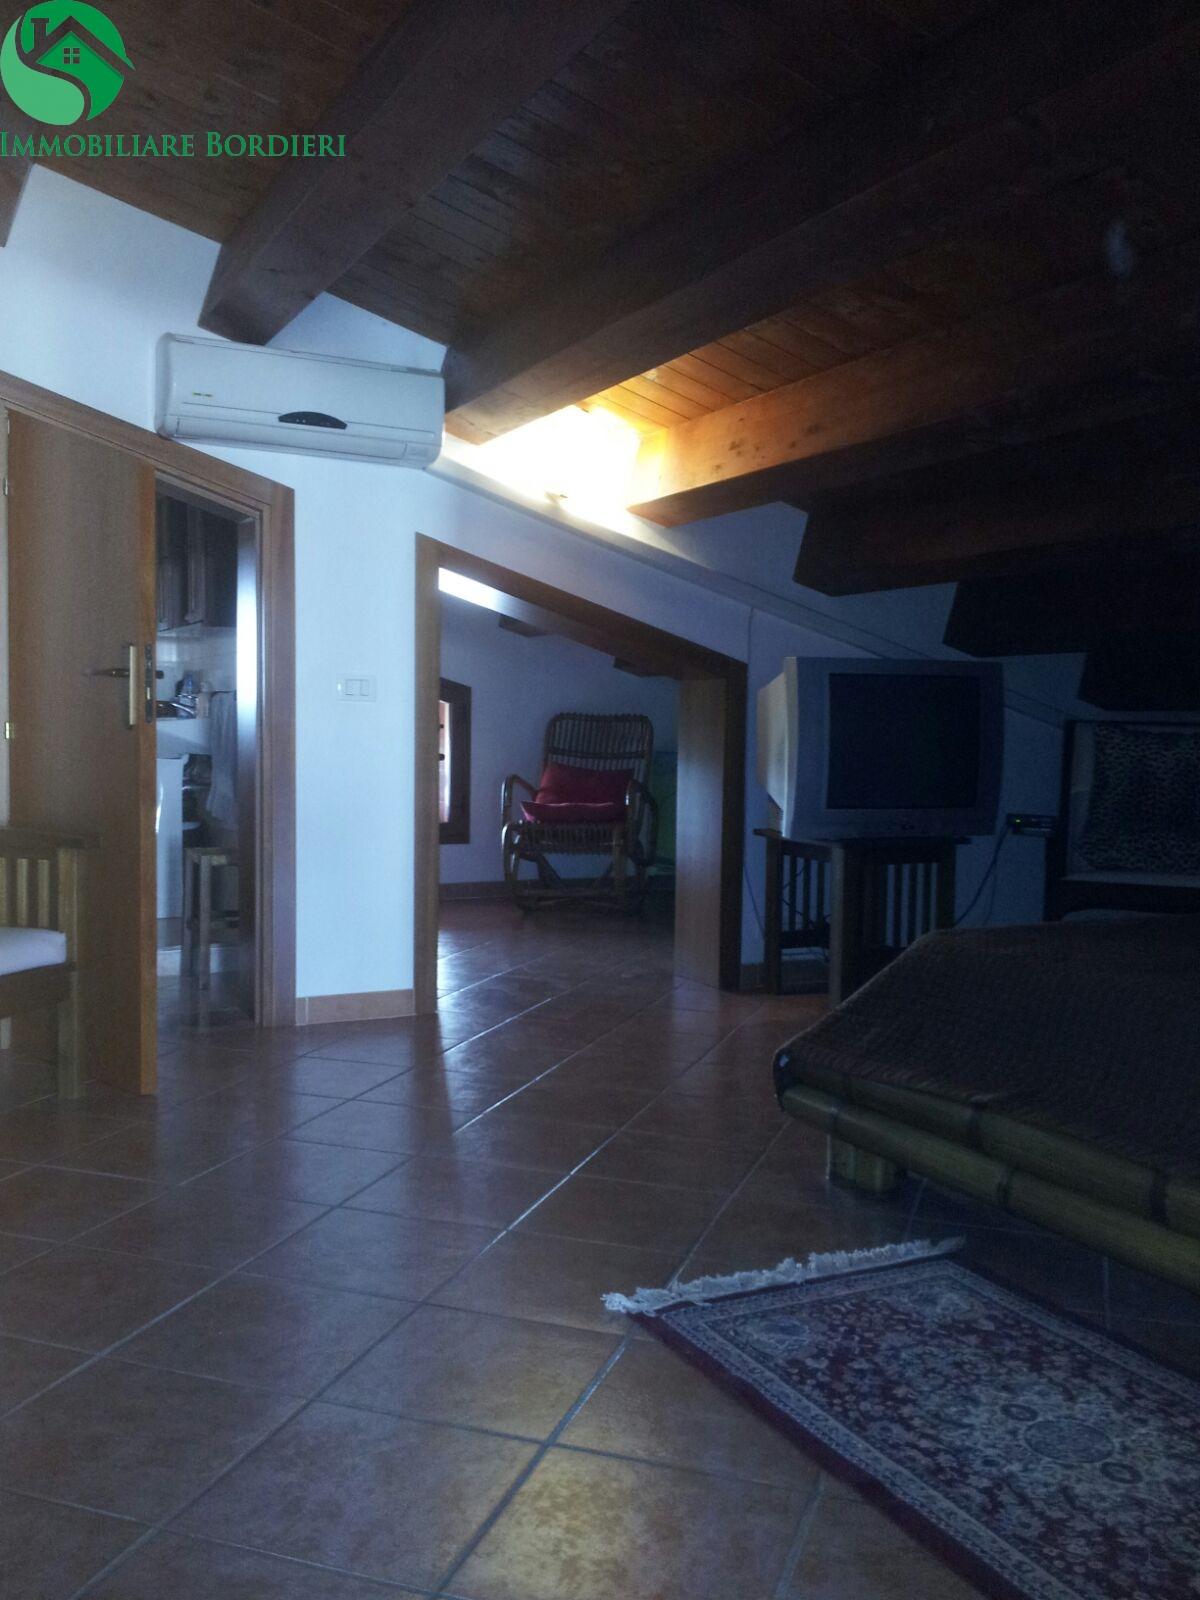 Attico / Mansarda in affitto a Siracusa, 2 locali, zona Località: Arenella, prezzo € 350 | Cambio Casa.it